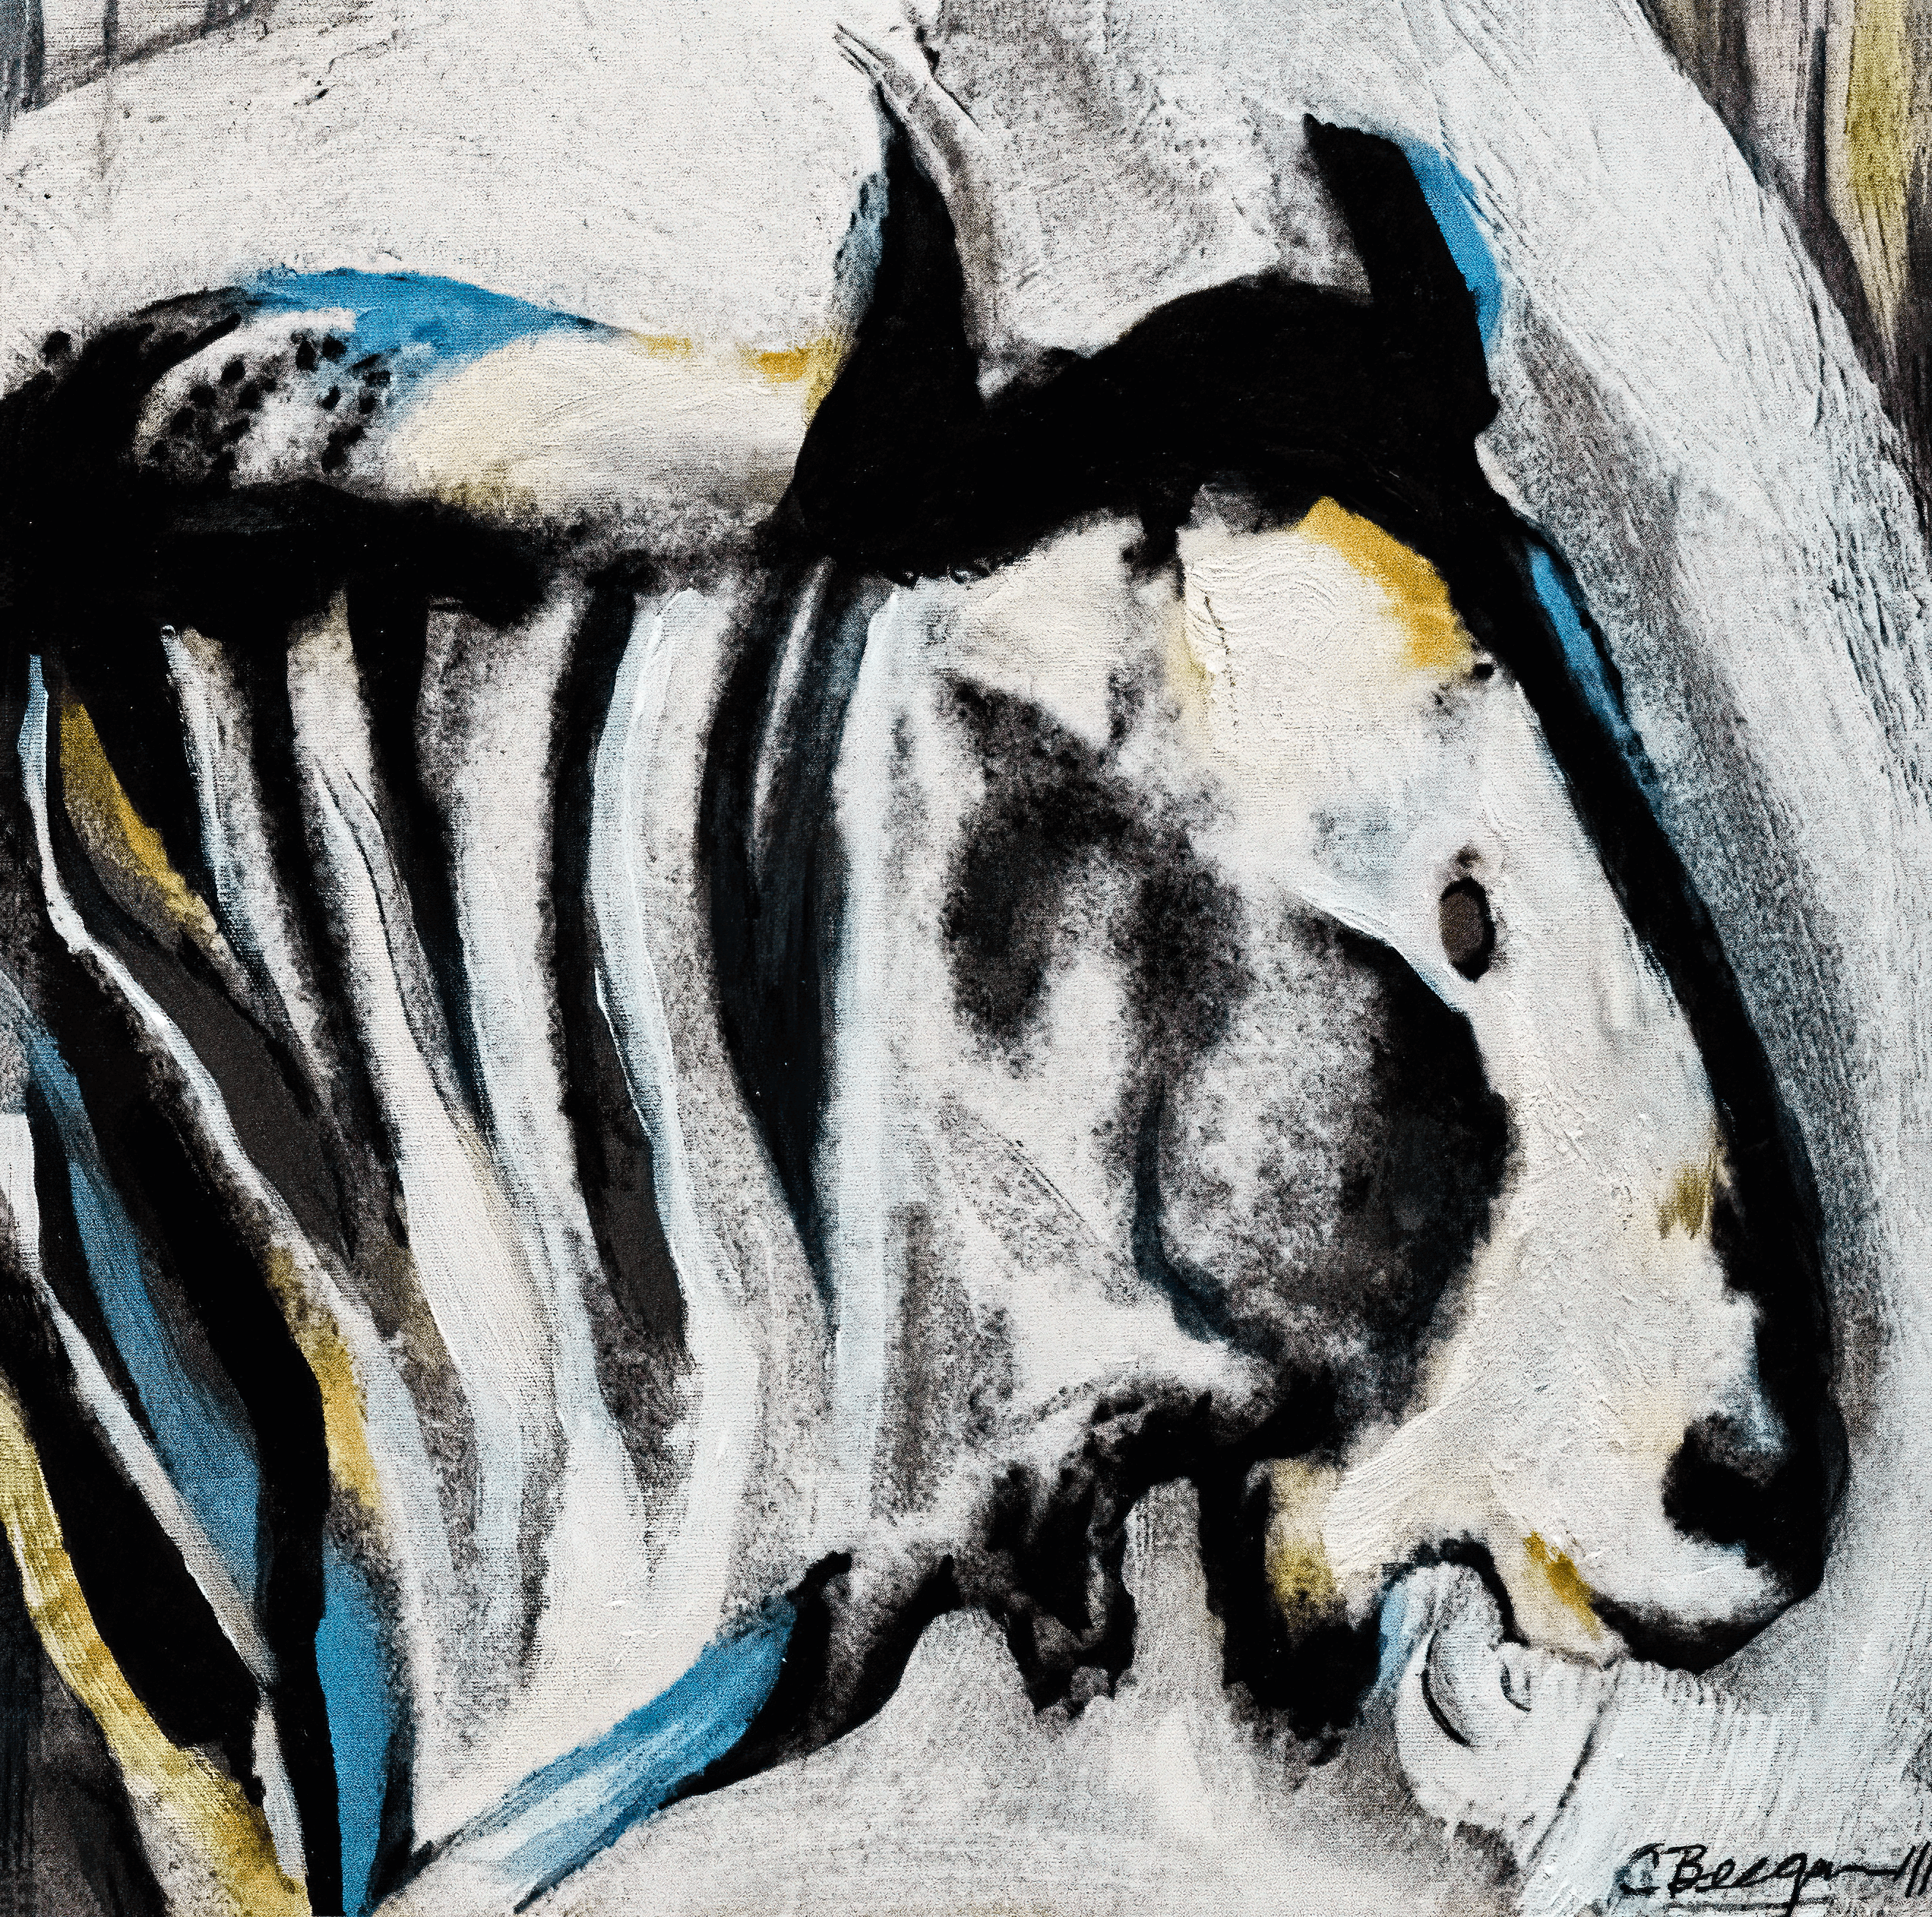 Study for wildebeest no 1 edited dsc05881 denoise clear sharpen focus igklmf